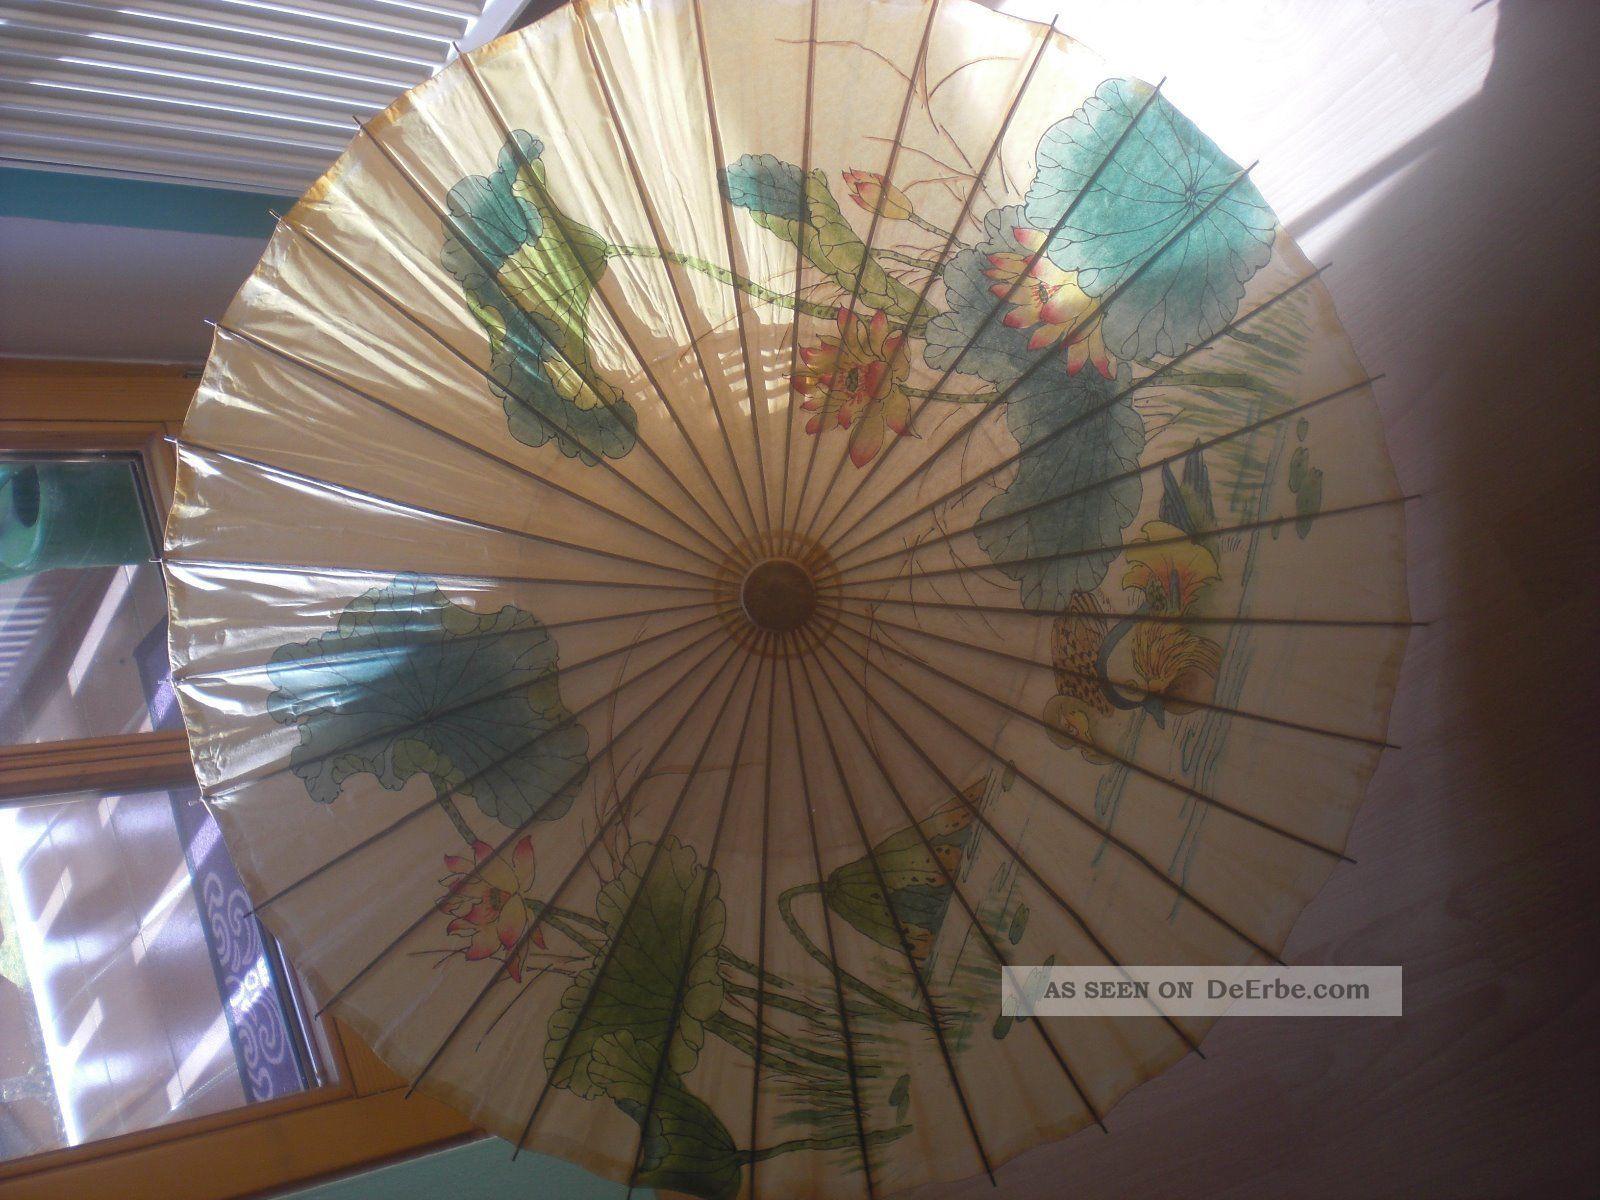 6 gro e asiatische sonnenschirme papierschirm - Asiatische dekoration ...